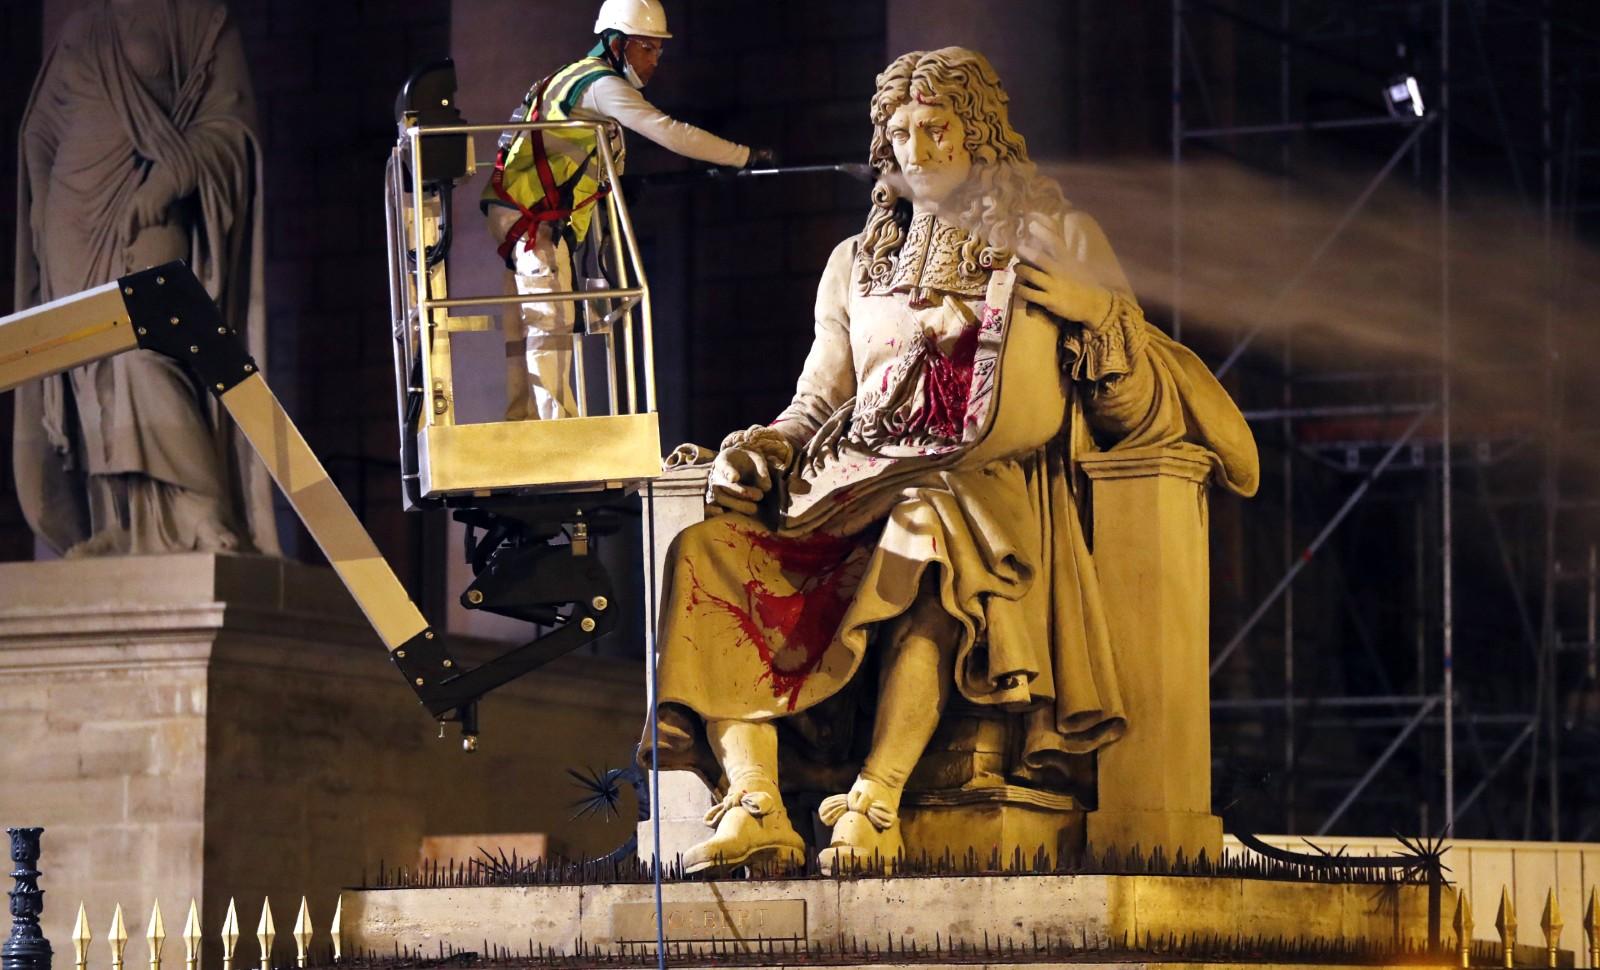 Statue de Colbert dégradée à Paris, juin 2020 © Thibault Camus/AP/SIPA Numéro de reportage: AP22467076_000005